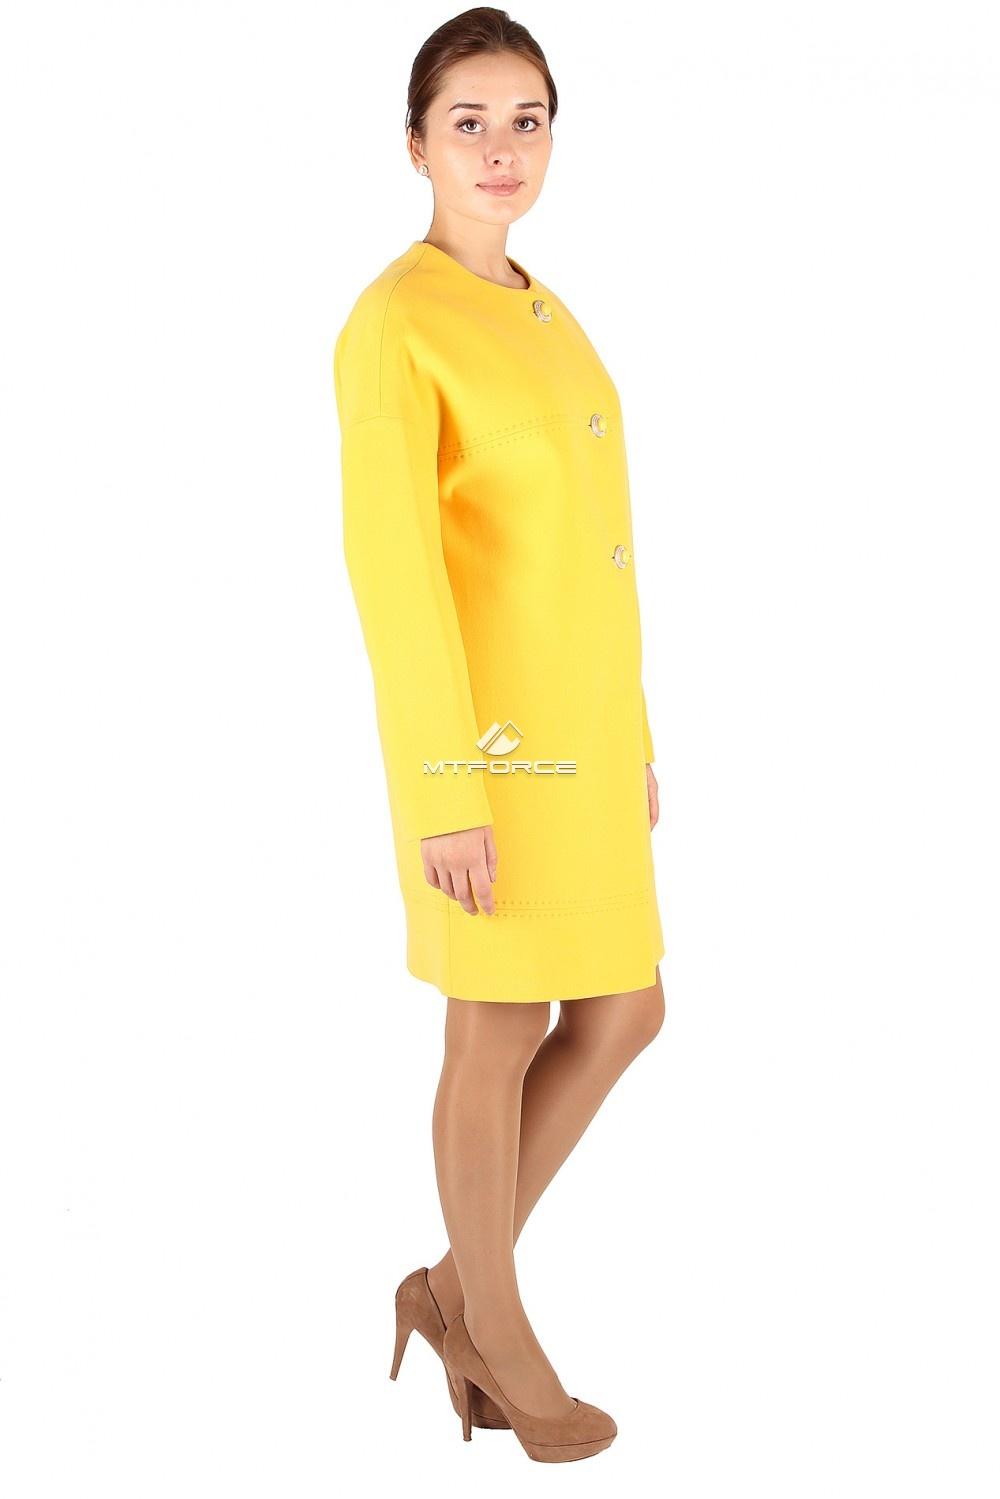 Купить                                  оптом Пальто женское желтого цвета 369J в Новосибирске